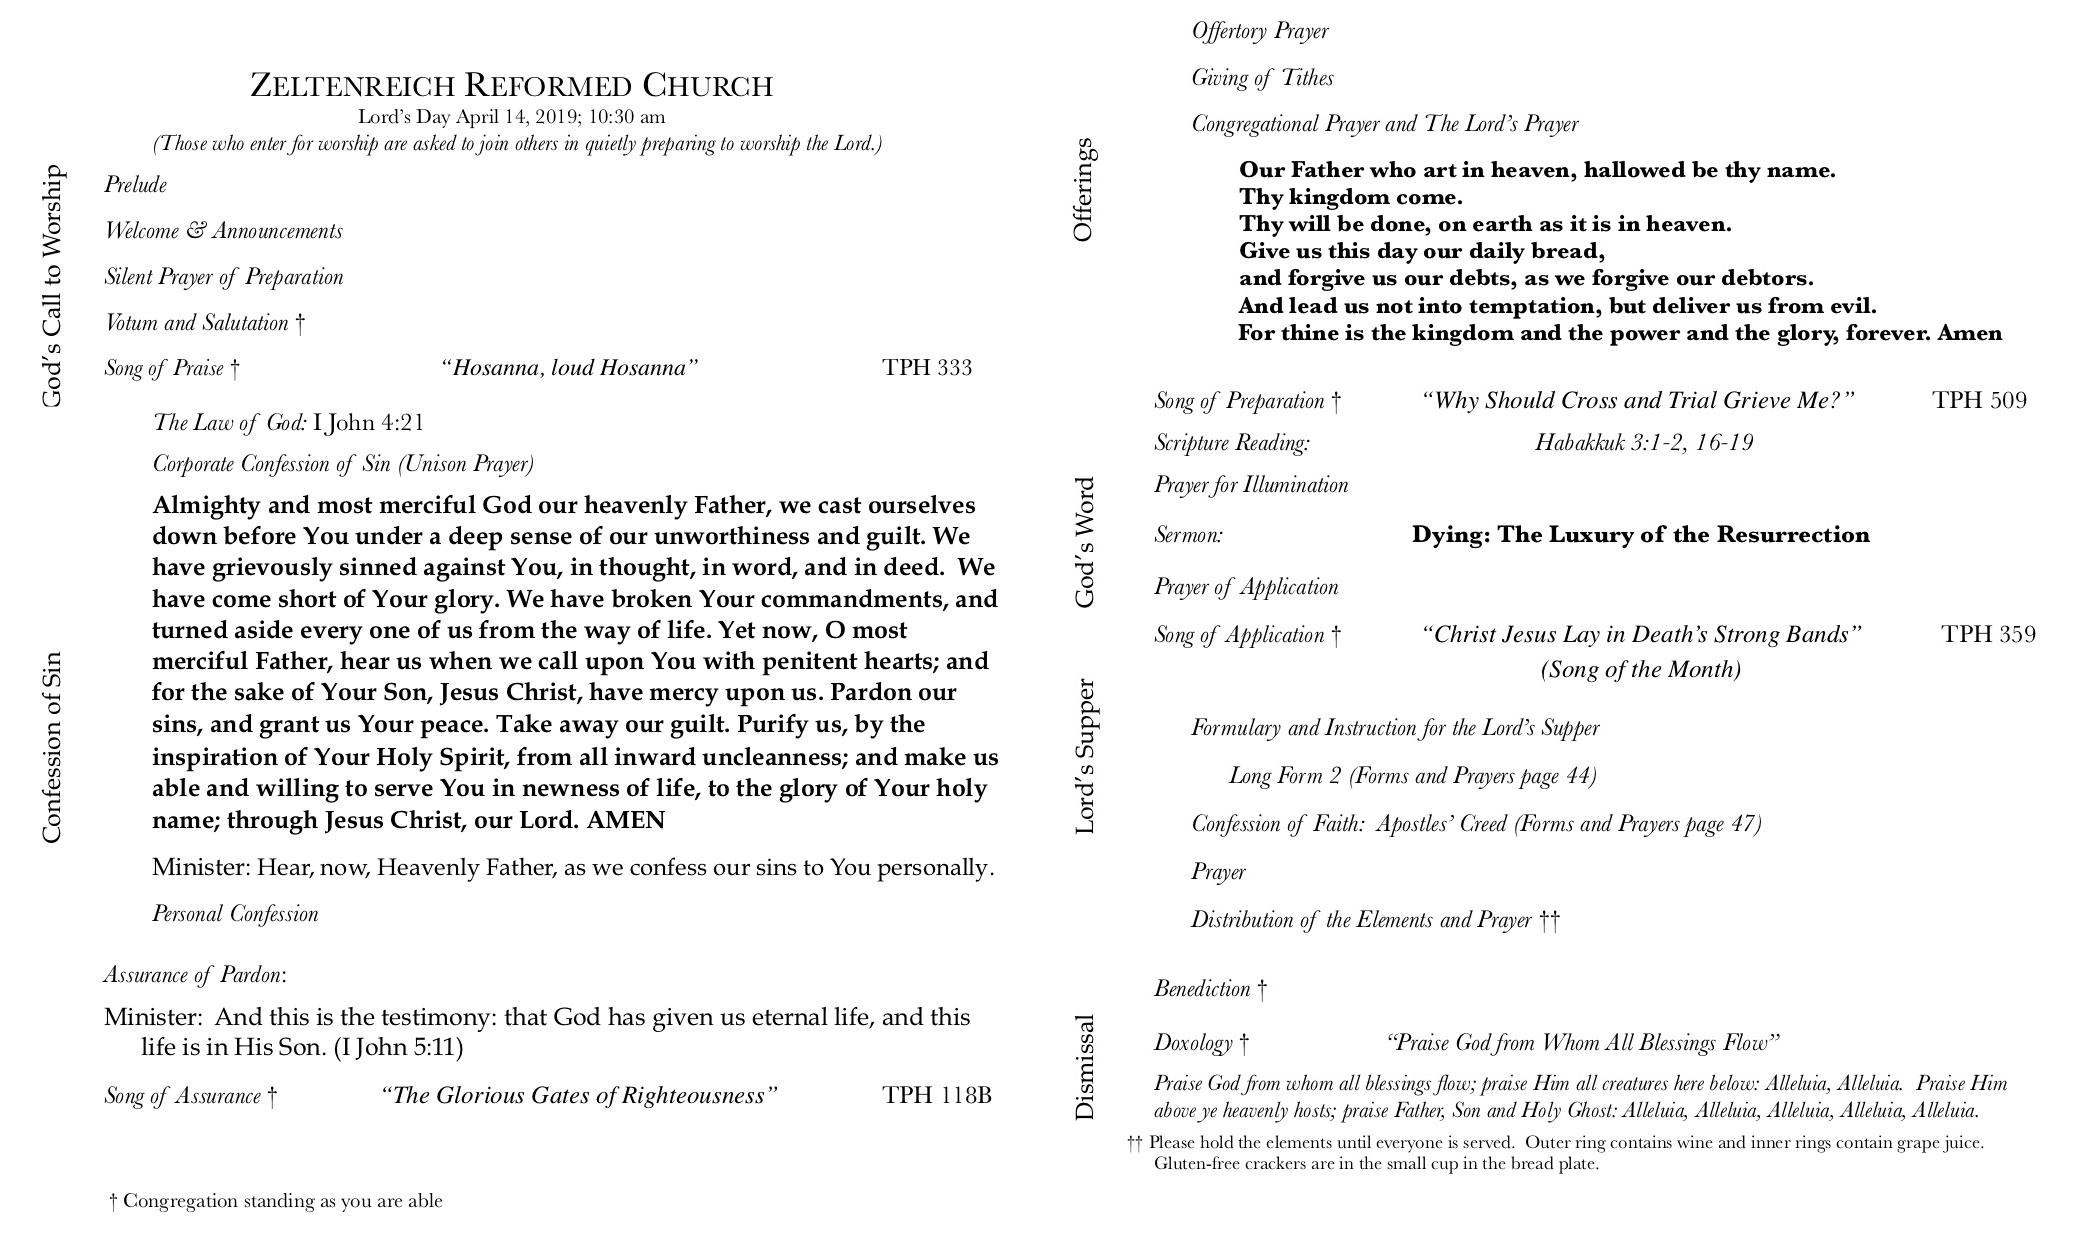 ZRC Bulletin 4.14.19.jpg